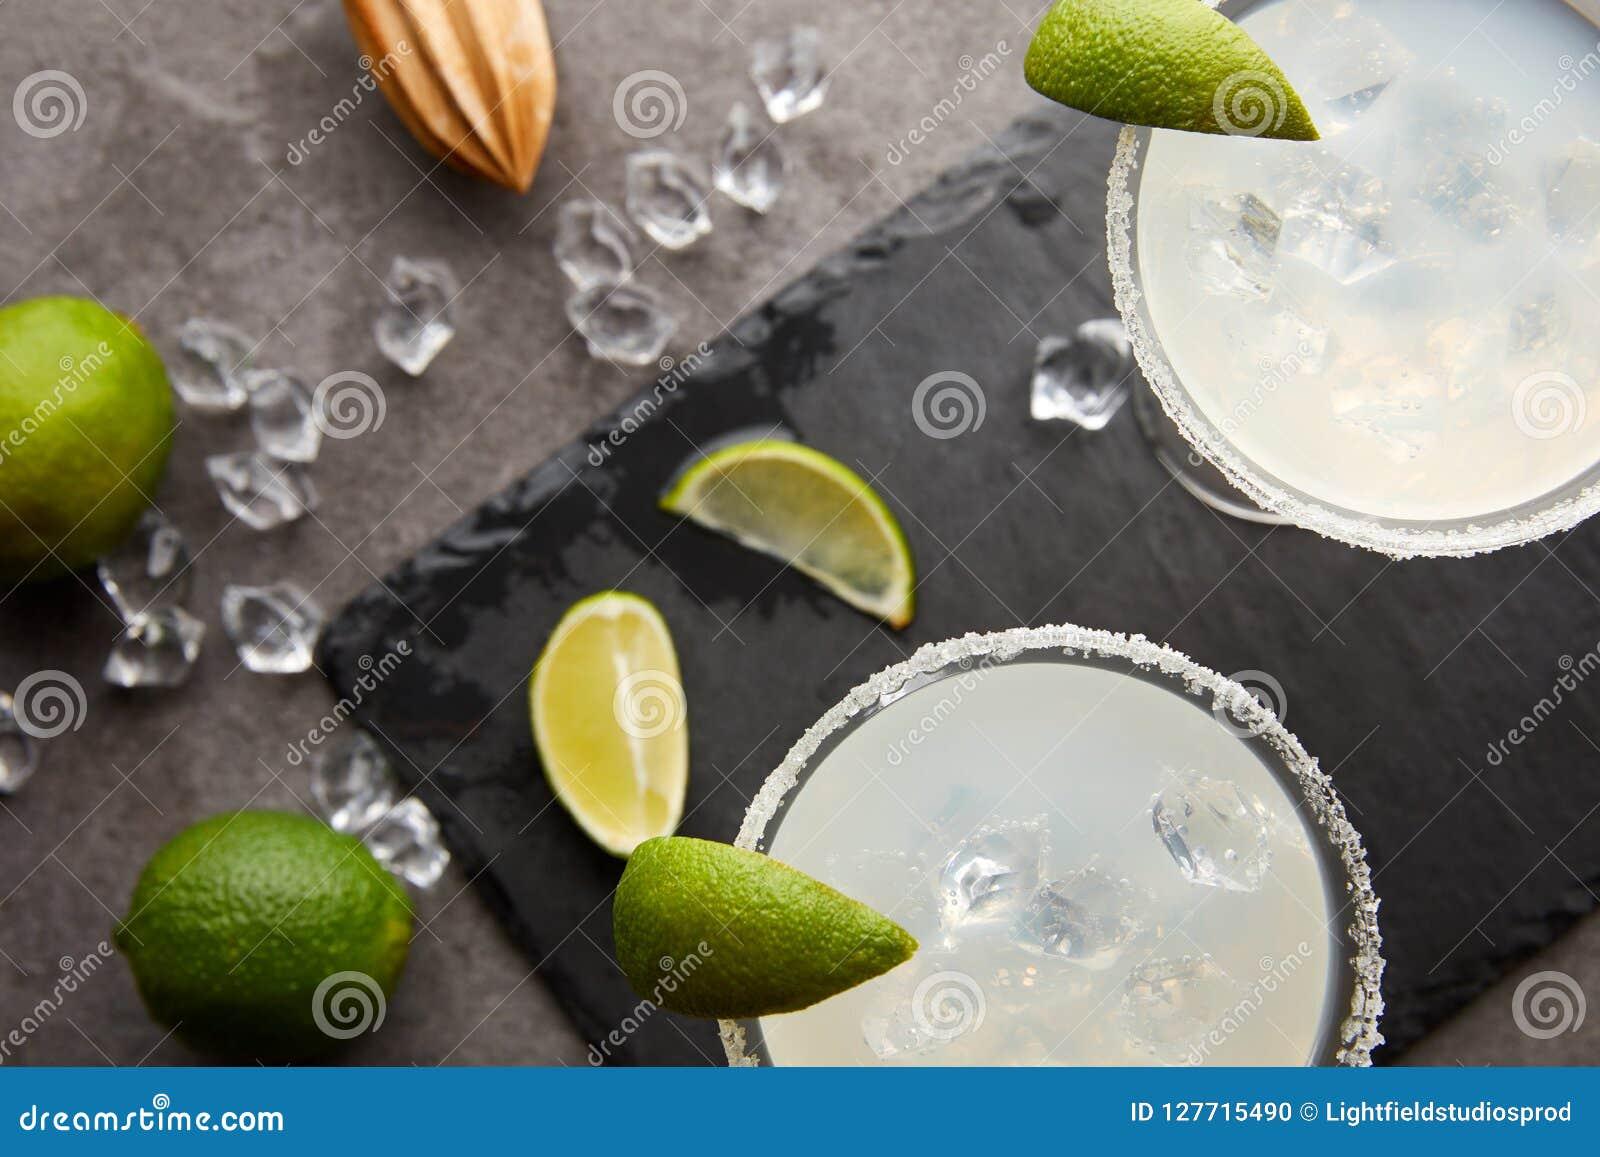 玛格丽塔酒鸡尾酒顶视图与石灰、冰块和木剥削者片断的在灰色桌面